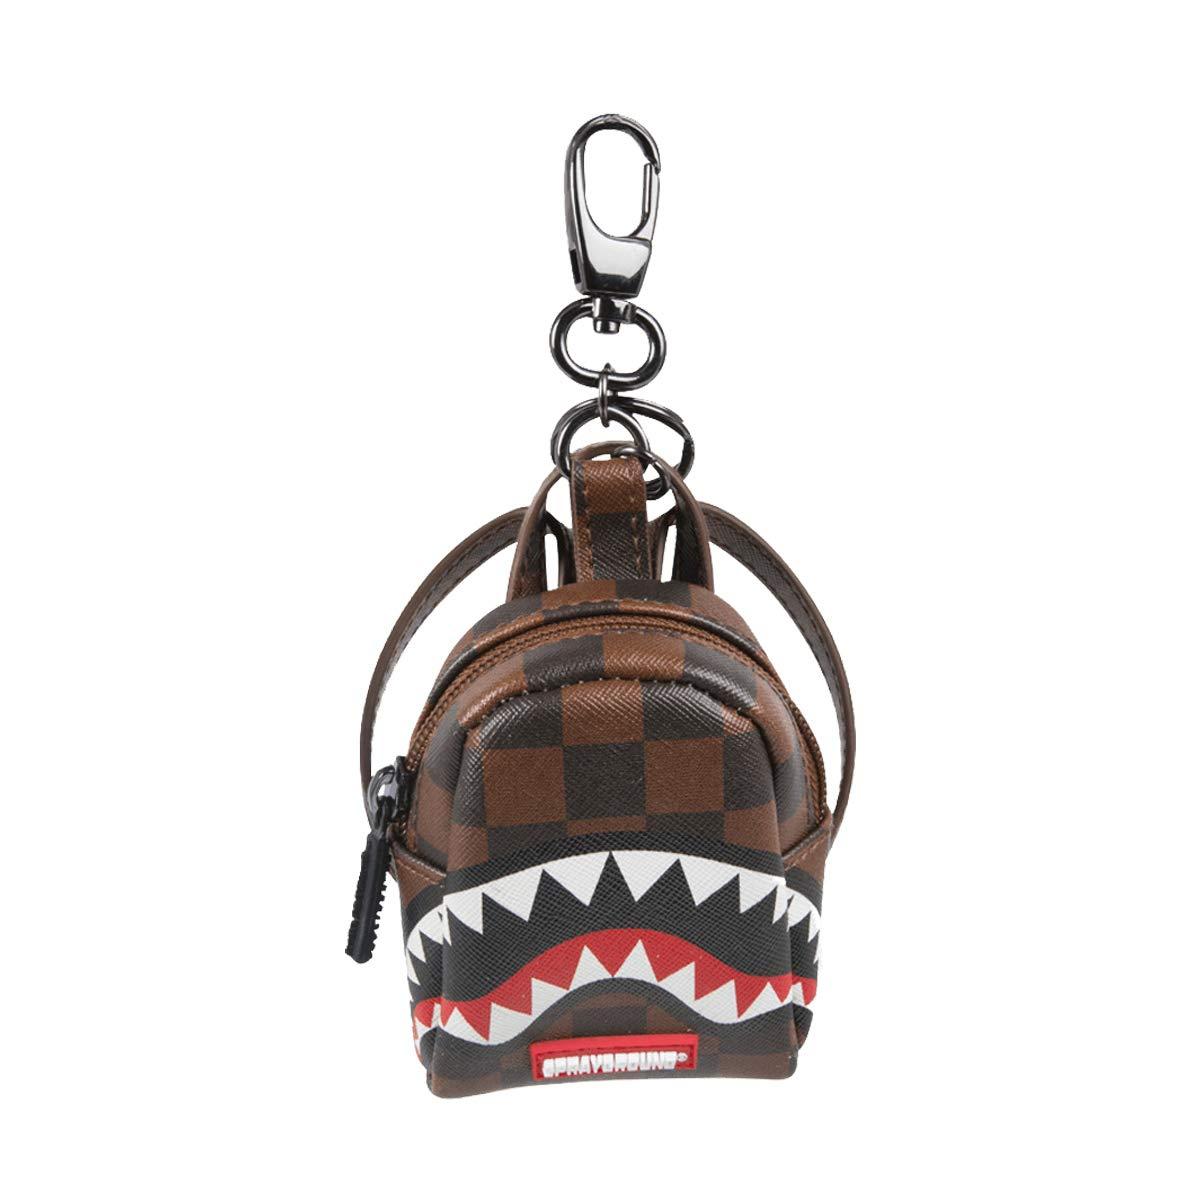 Amazon.com: Llavero de tiburones en París.: Clothing